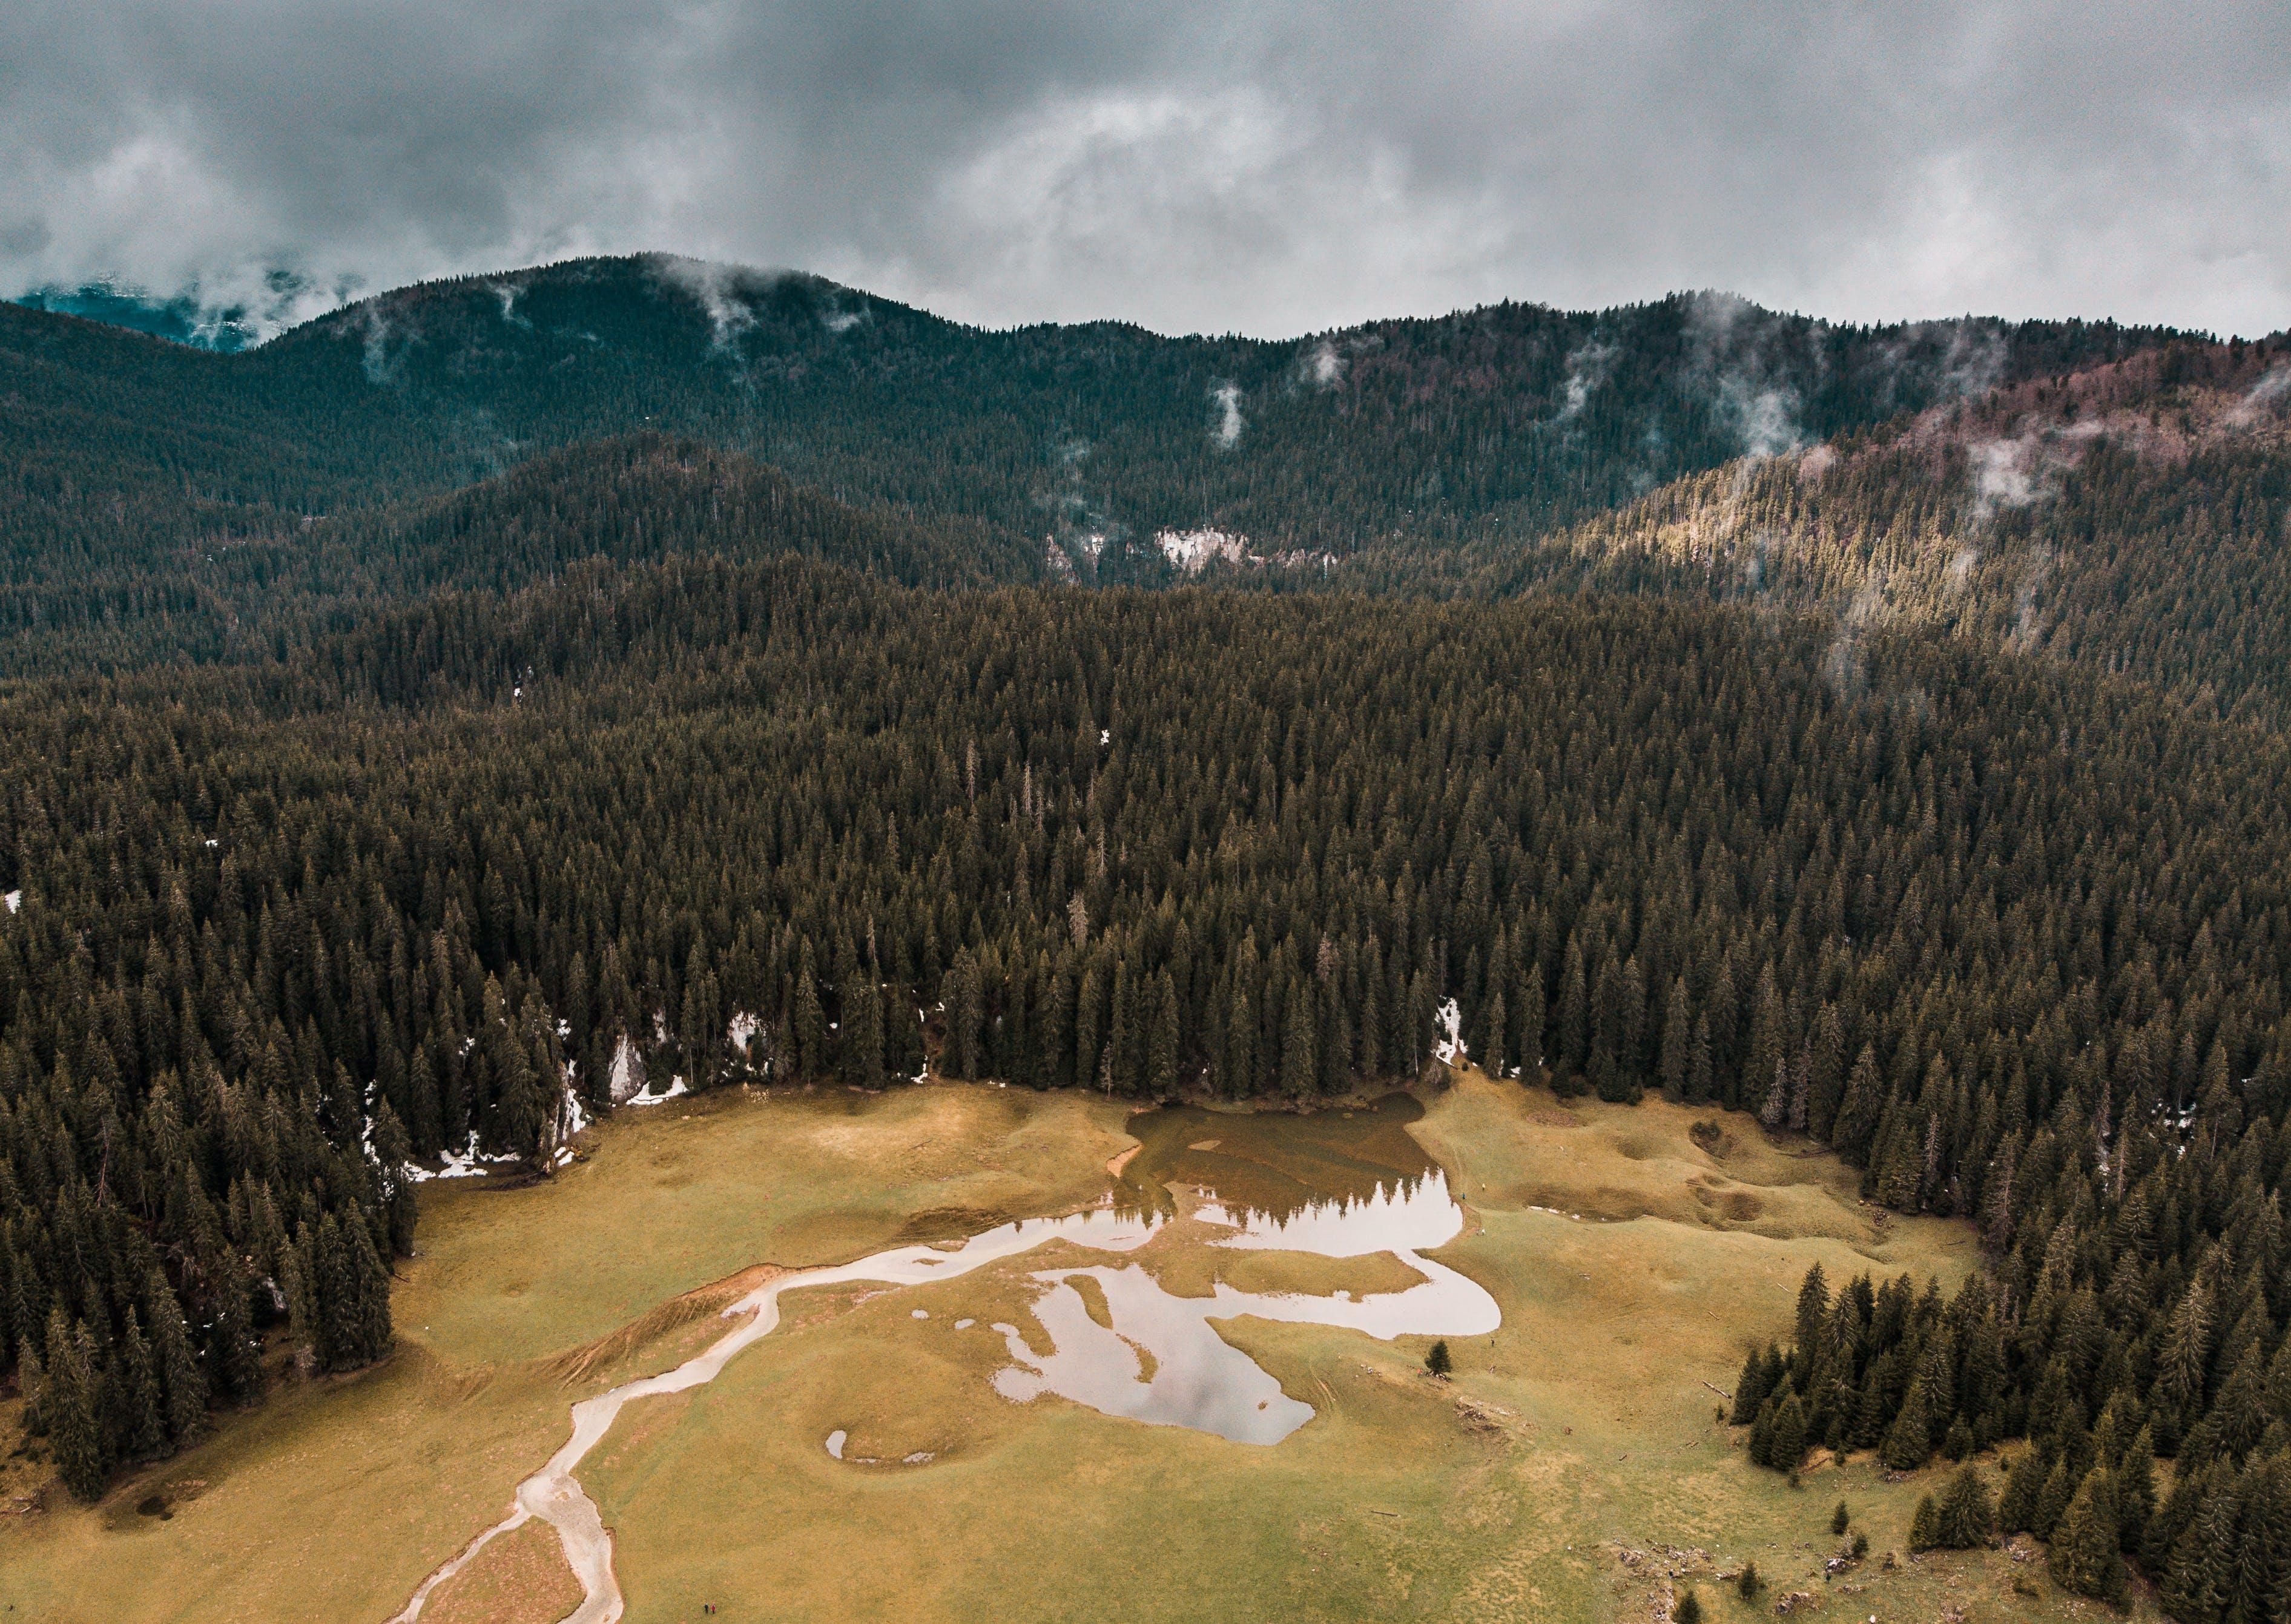 Δωρεάν στοκ φωτογραφιών με αειθαλής, αυγή, βουνά, βουνό